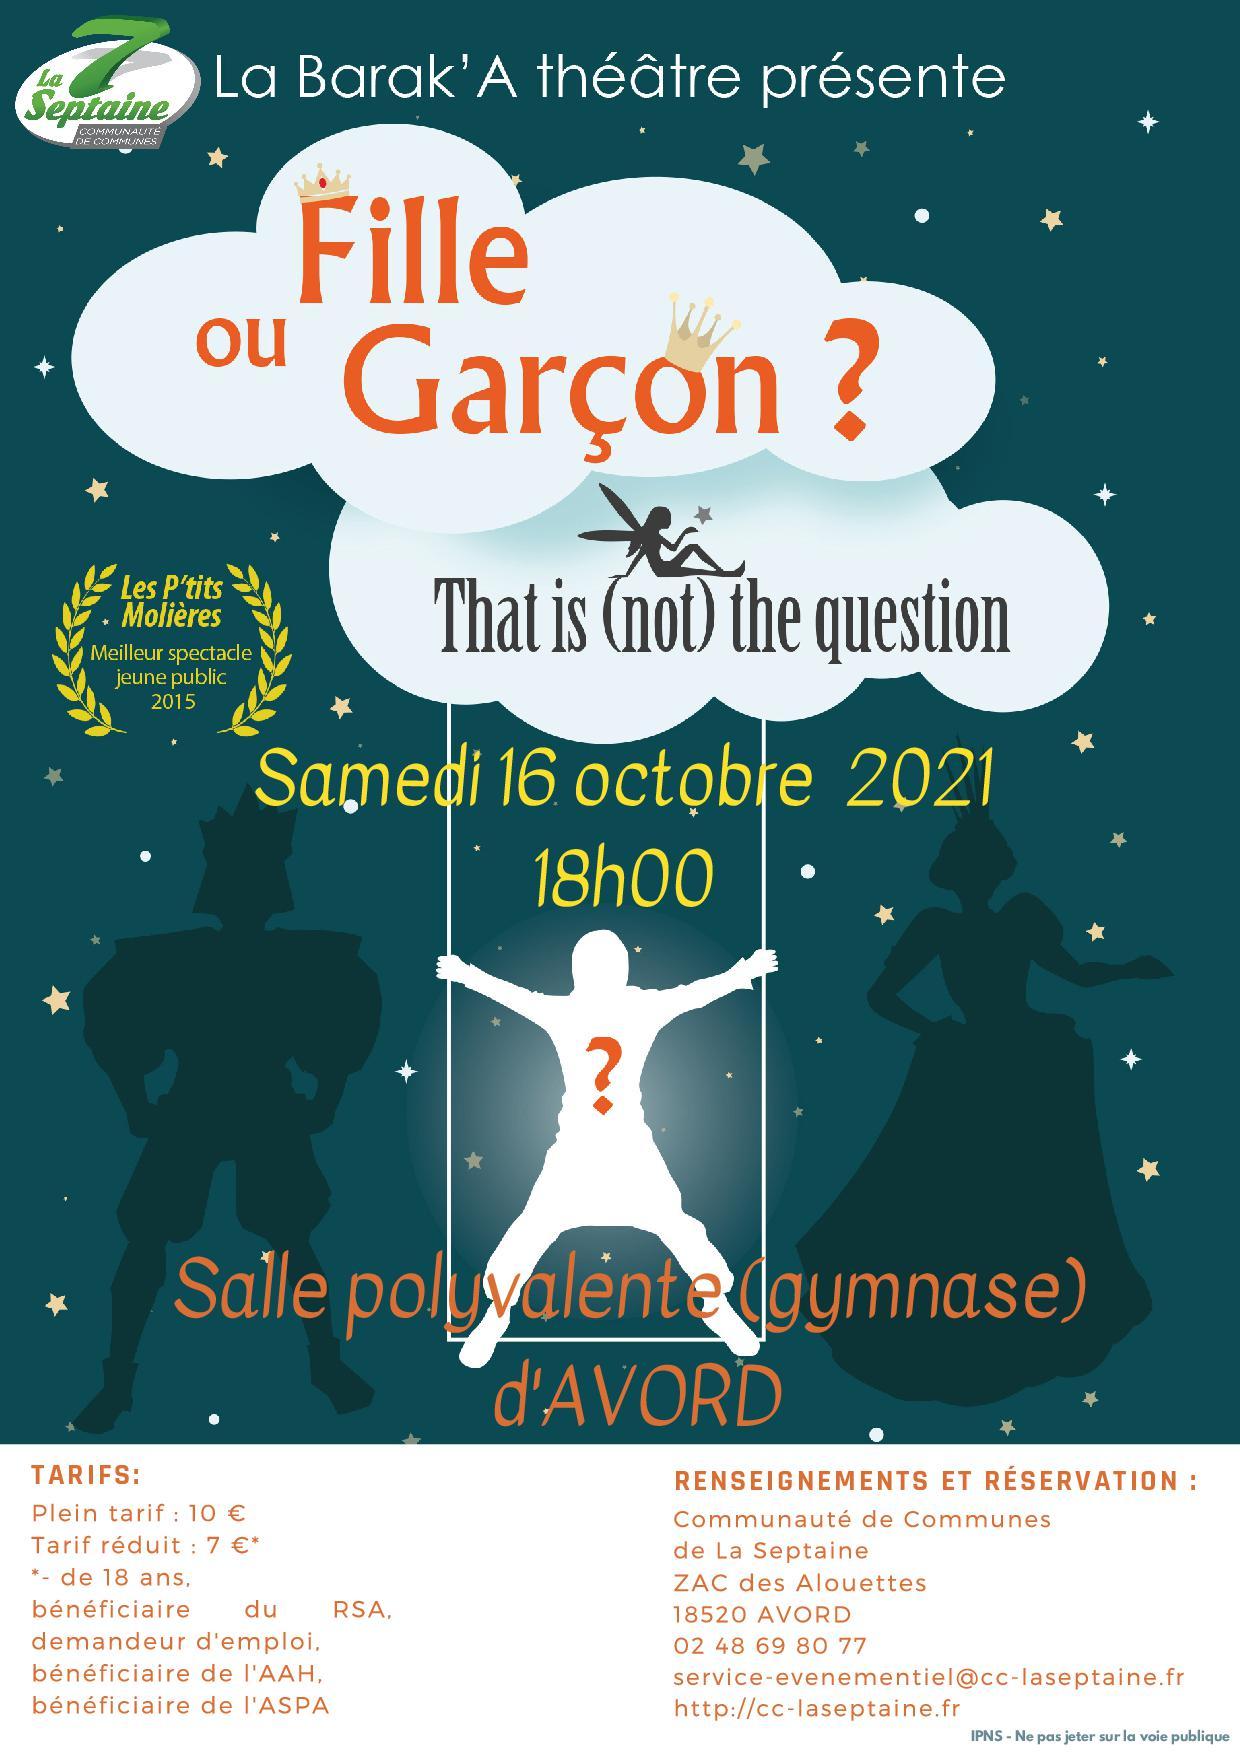 Fille ou Garçon _.jpg